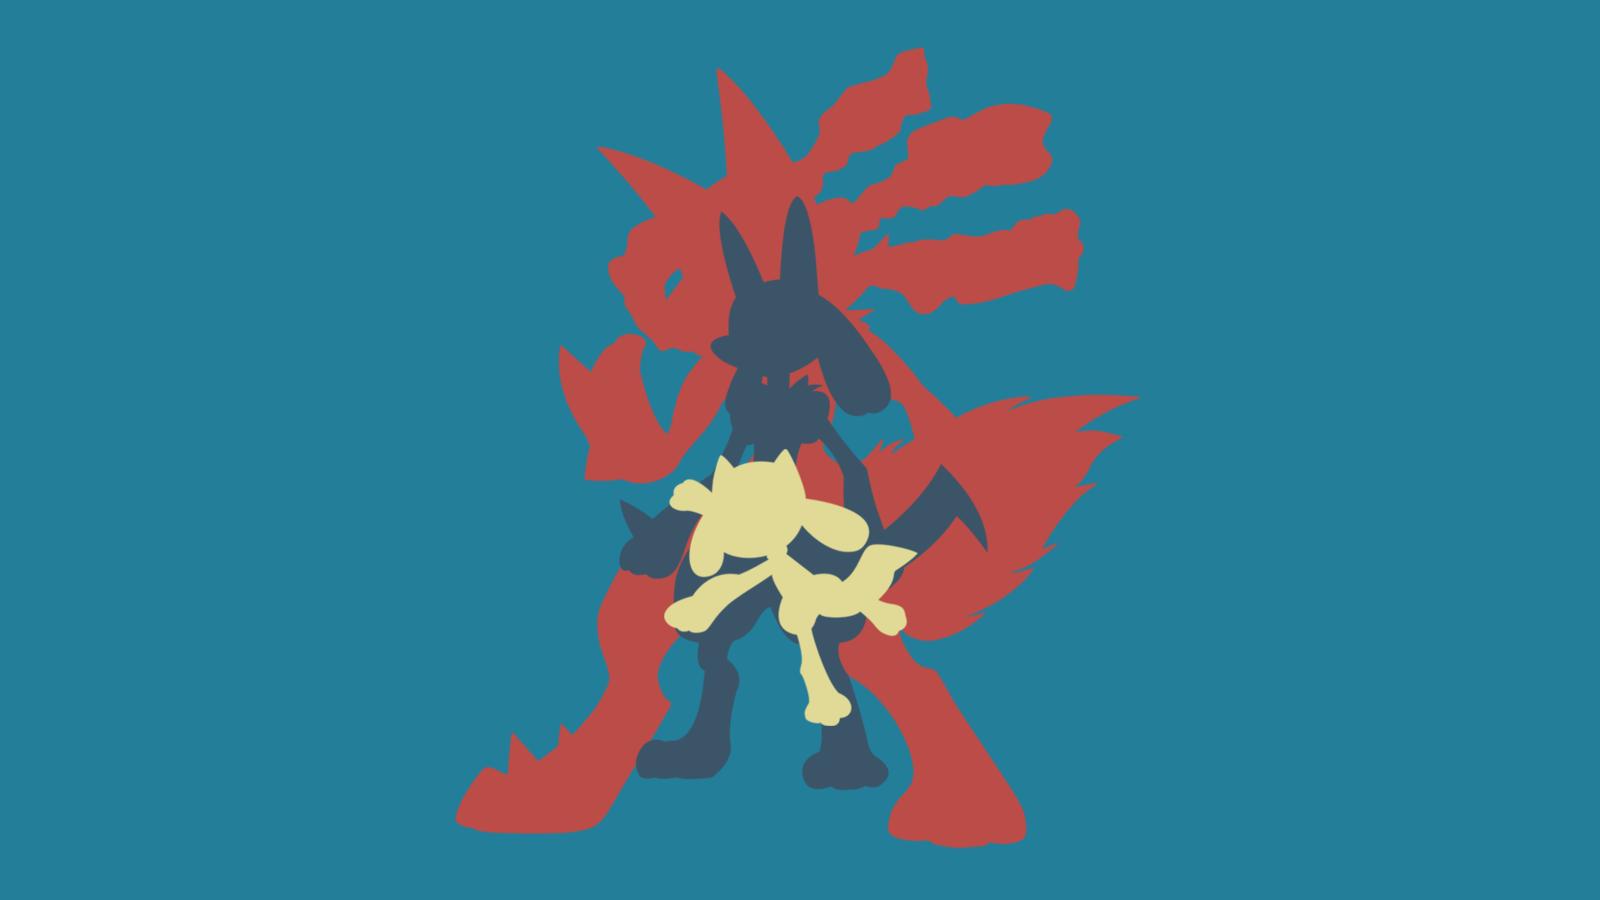 Perché l'evoluzione dei Pokémon ha conseguenze simili ad un'esplosione nucleare?